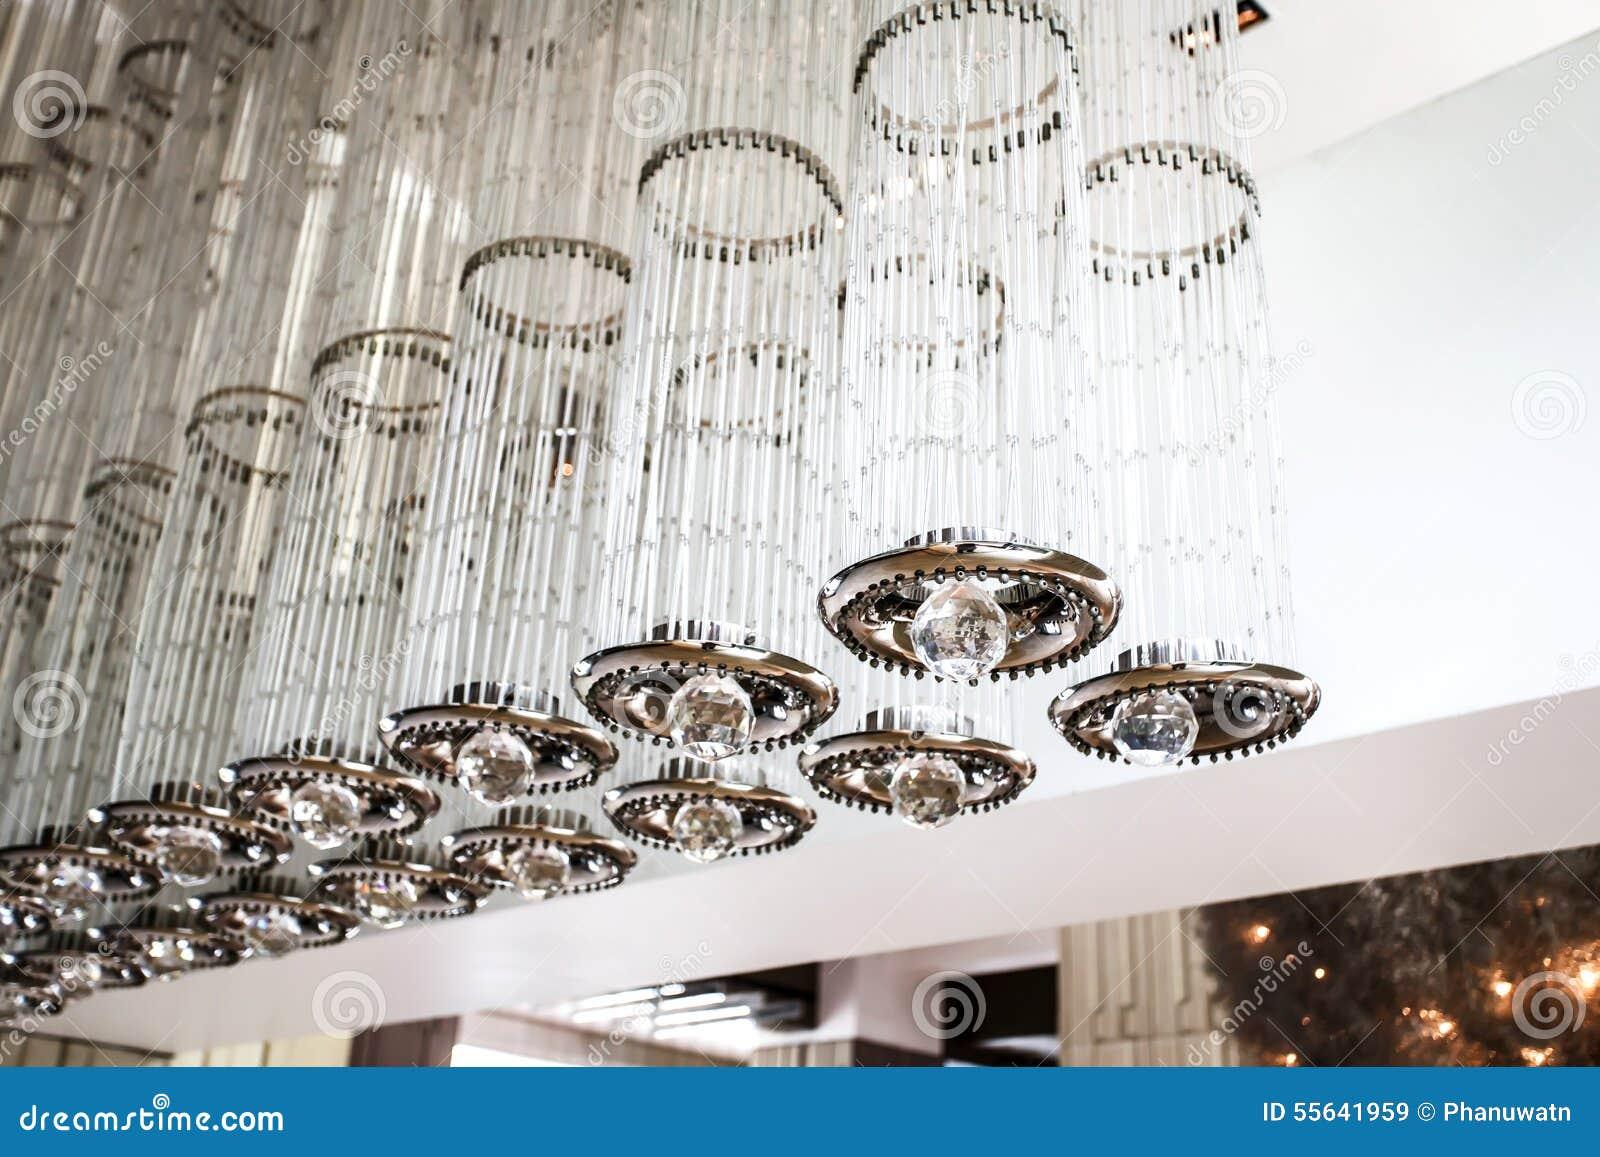 Moderne deckenbeleuchtung stockfoto bild 55641959 for Moderne deckenbeleuchtung